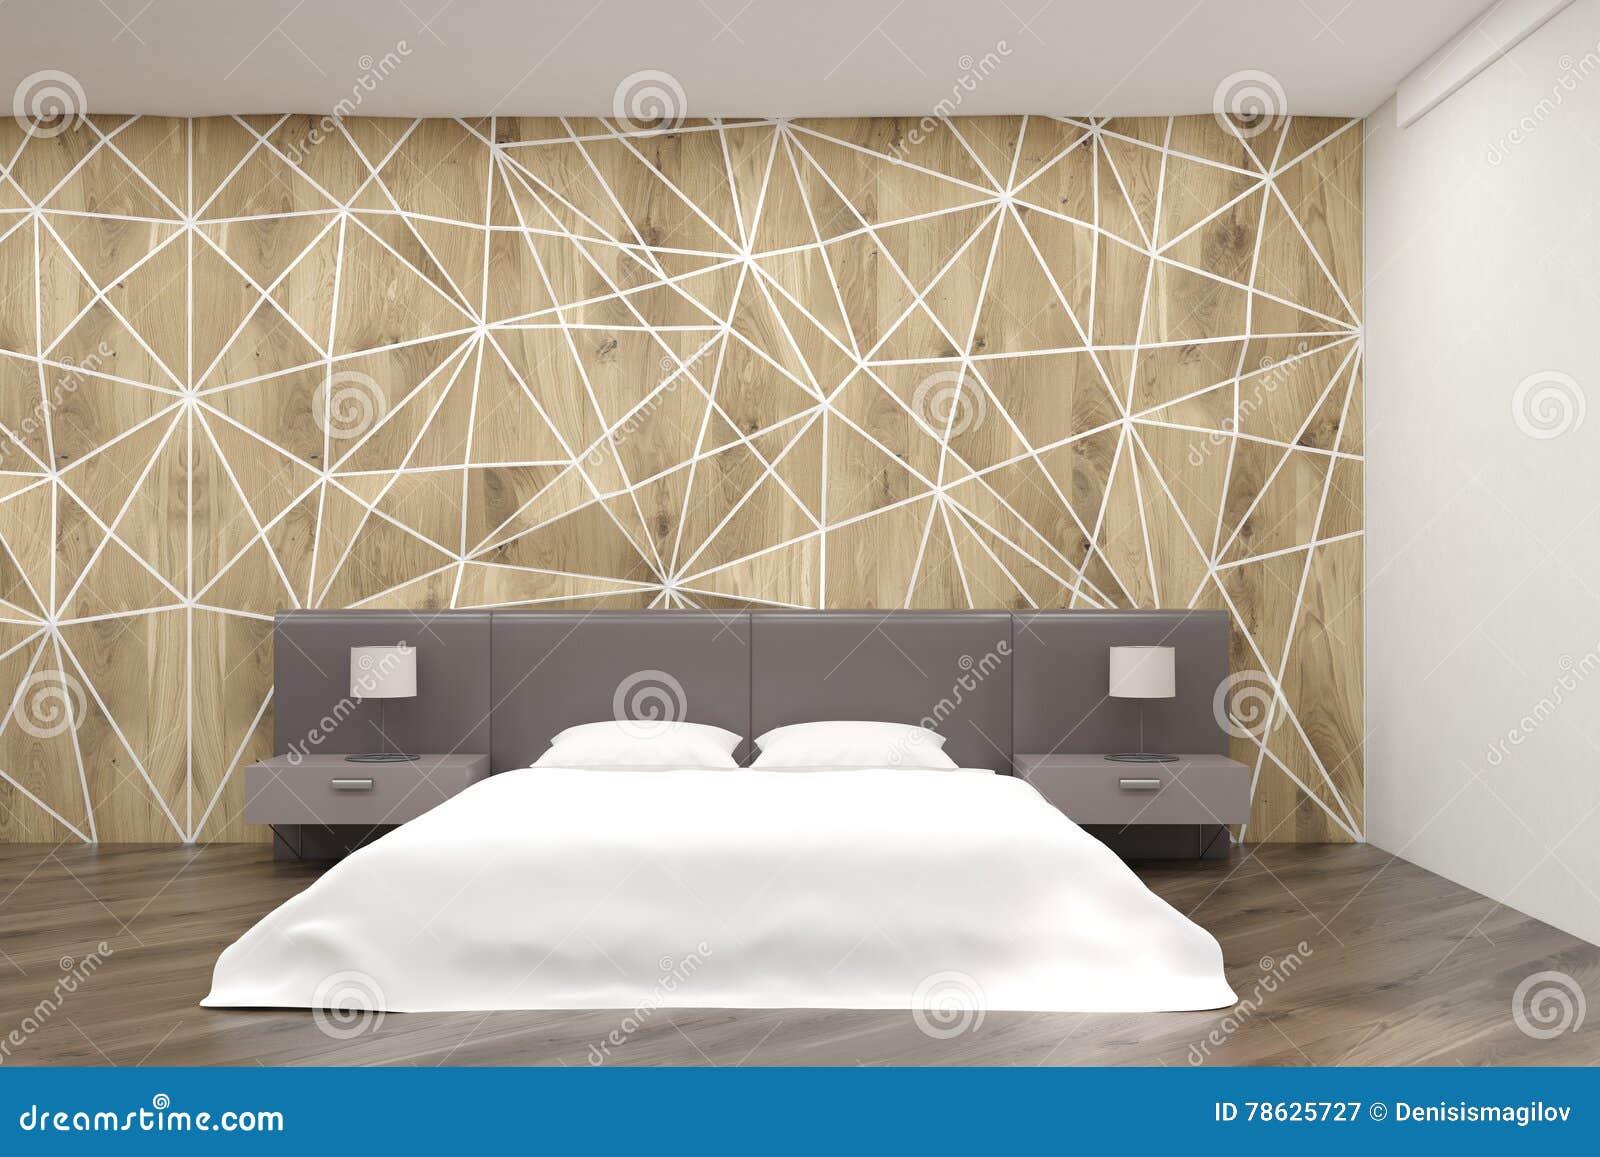 Schlafzimmer Mit Rundem Bett Und Geometrischen Wänden Stock